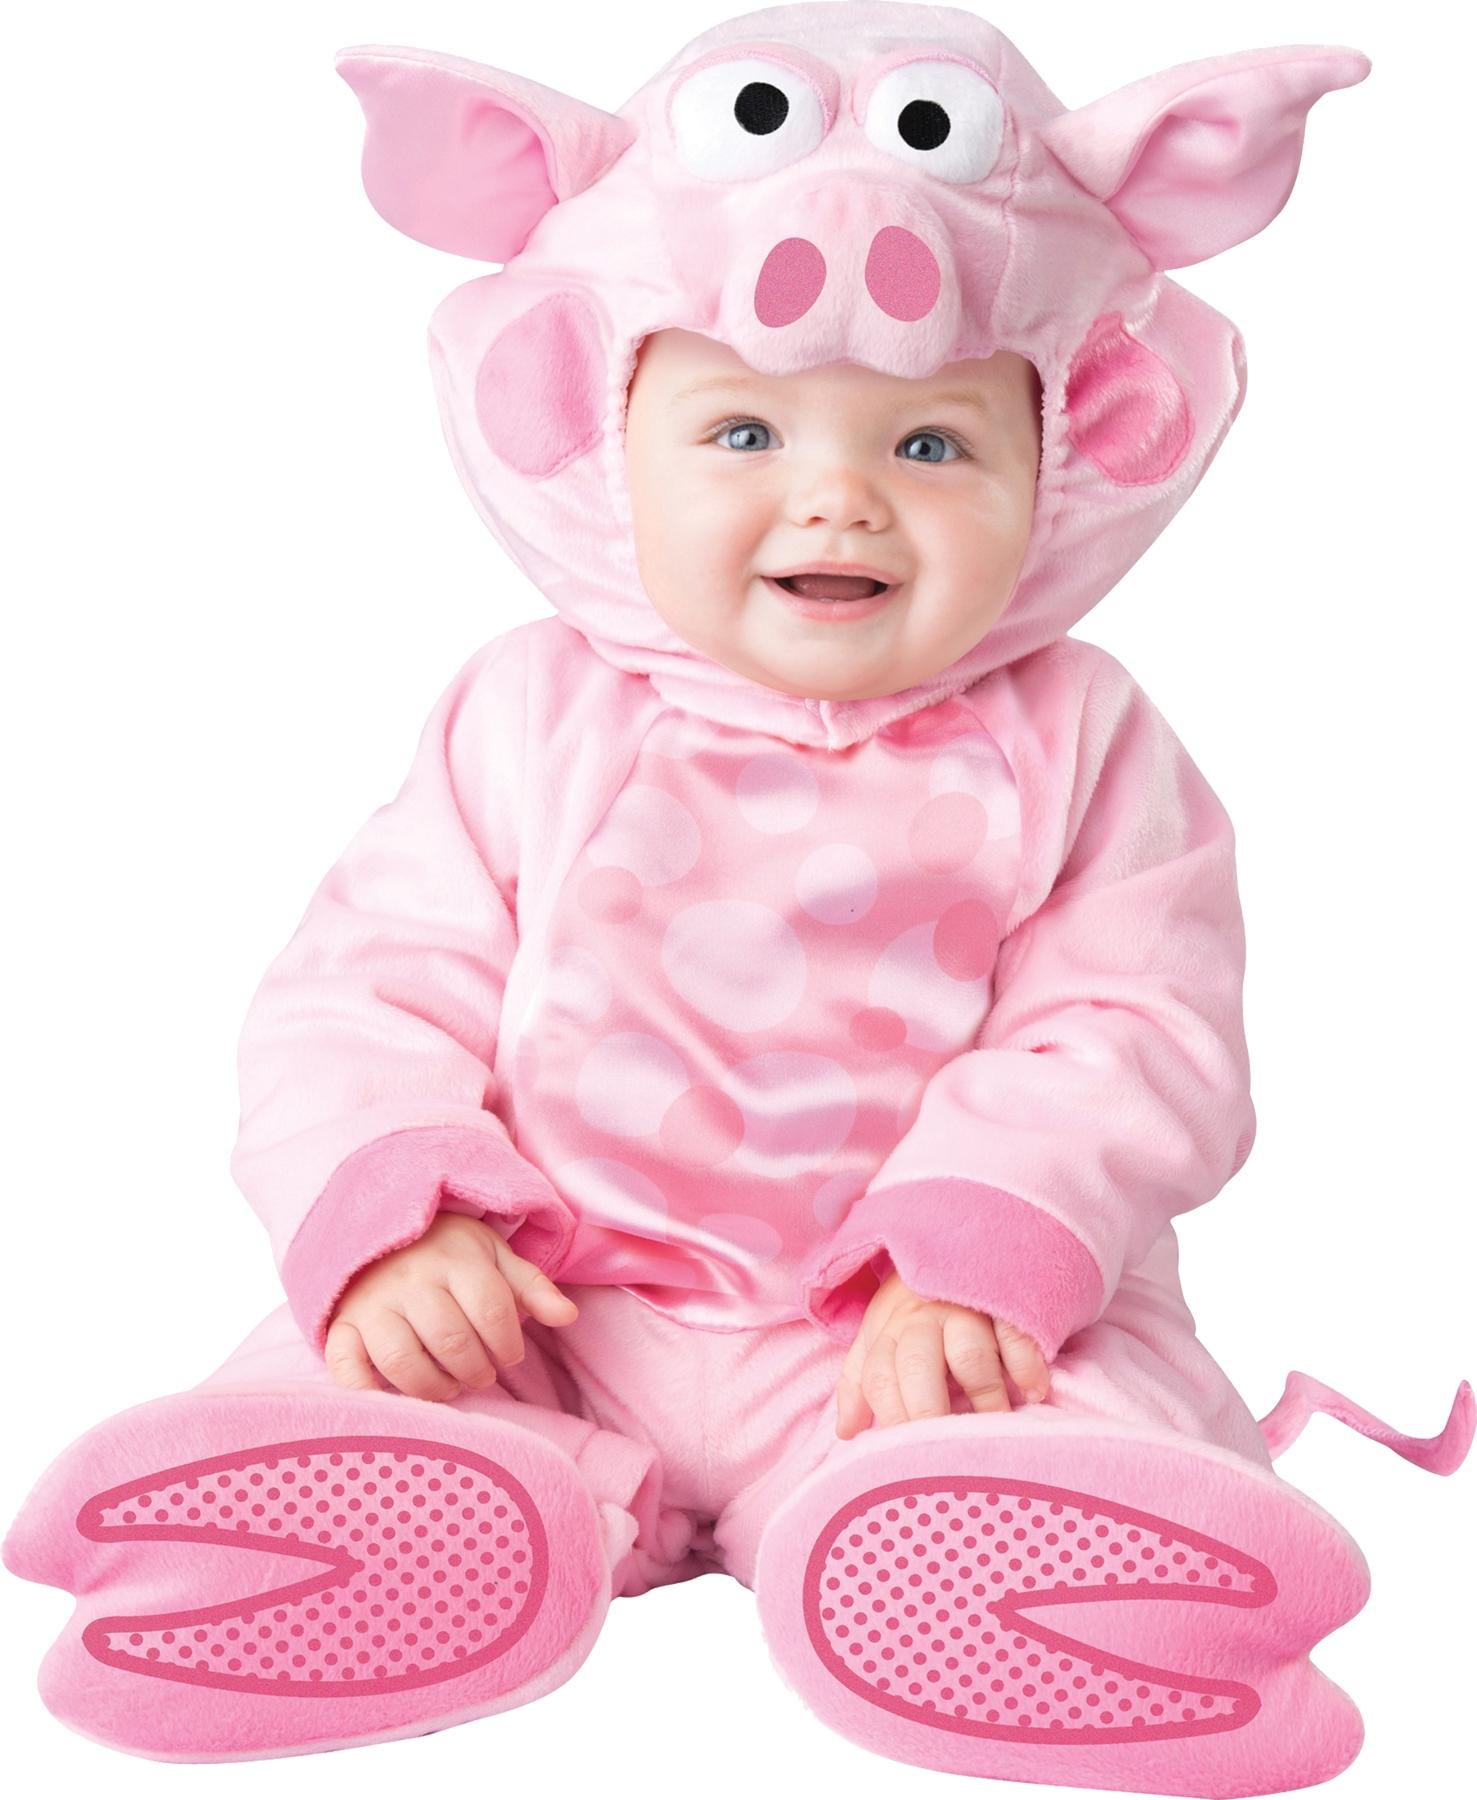 Картинки костюмчики для малышей, спасибо подружка дорогая